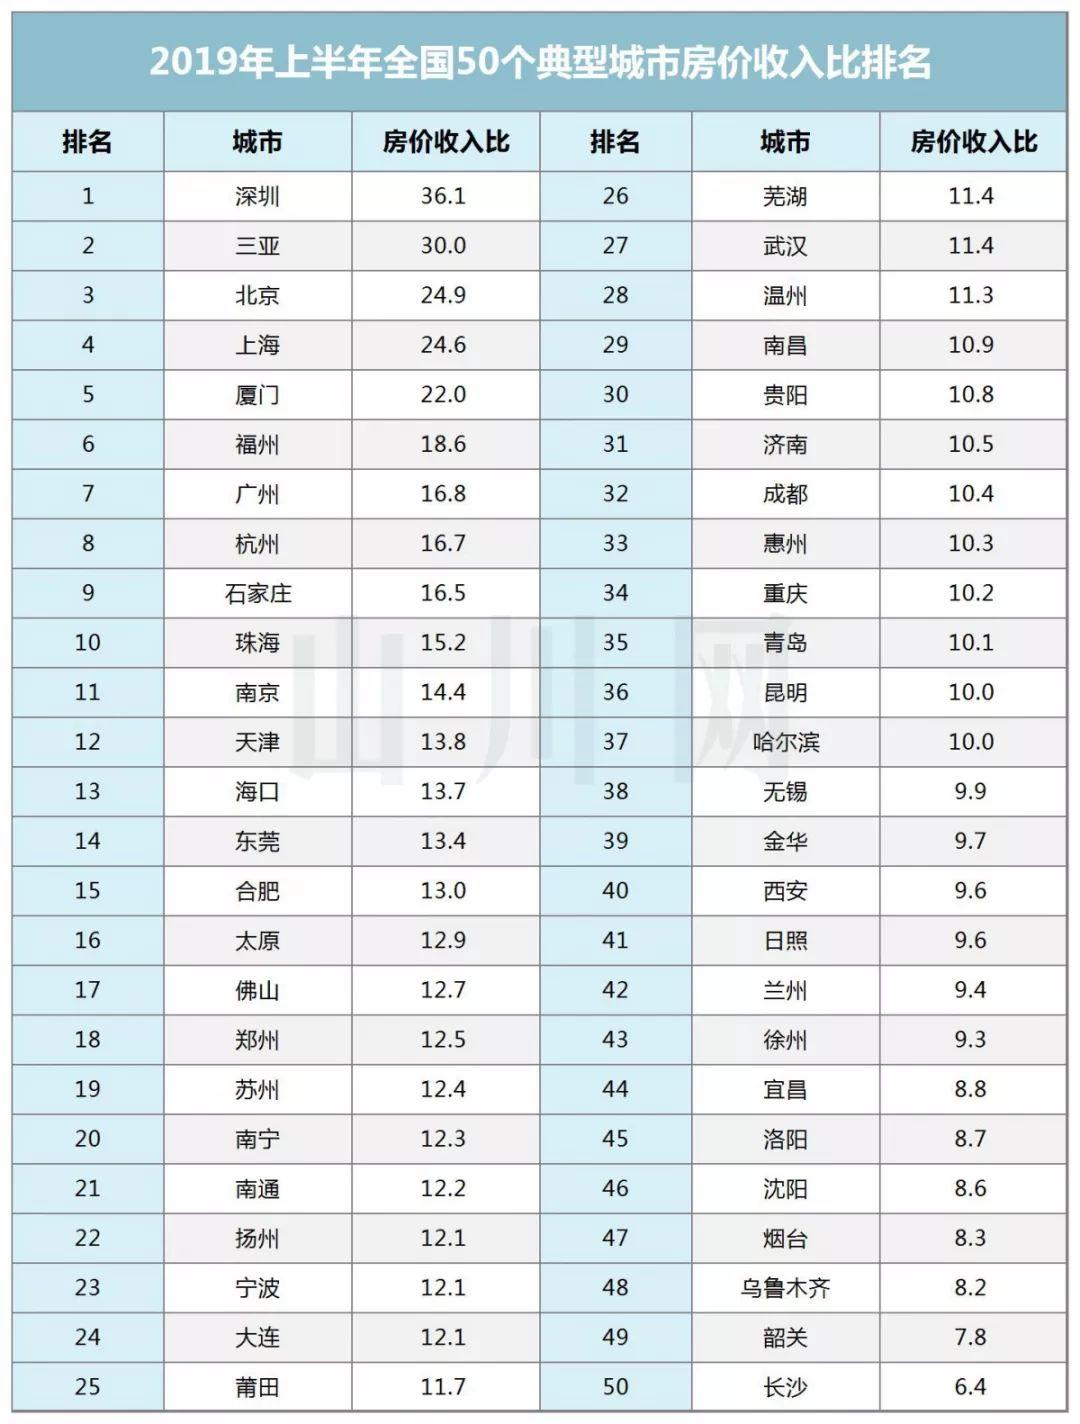 超全!2019上海各区房价收入比出炉!你的收入达标了吗?